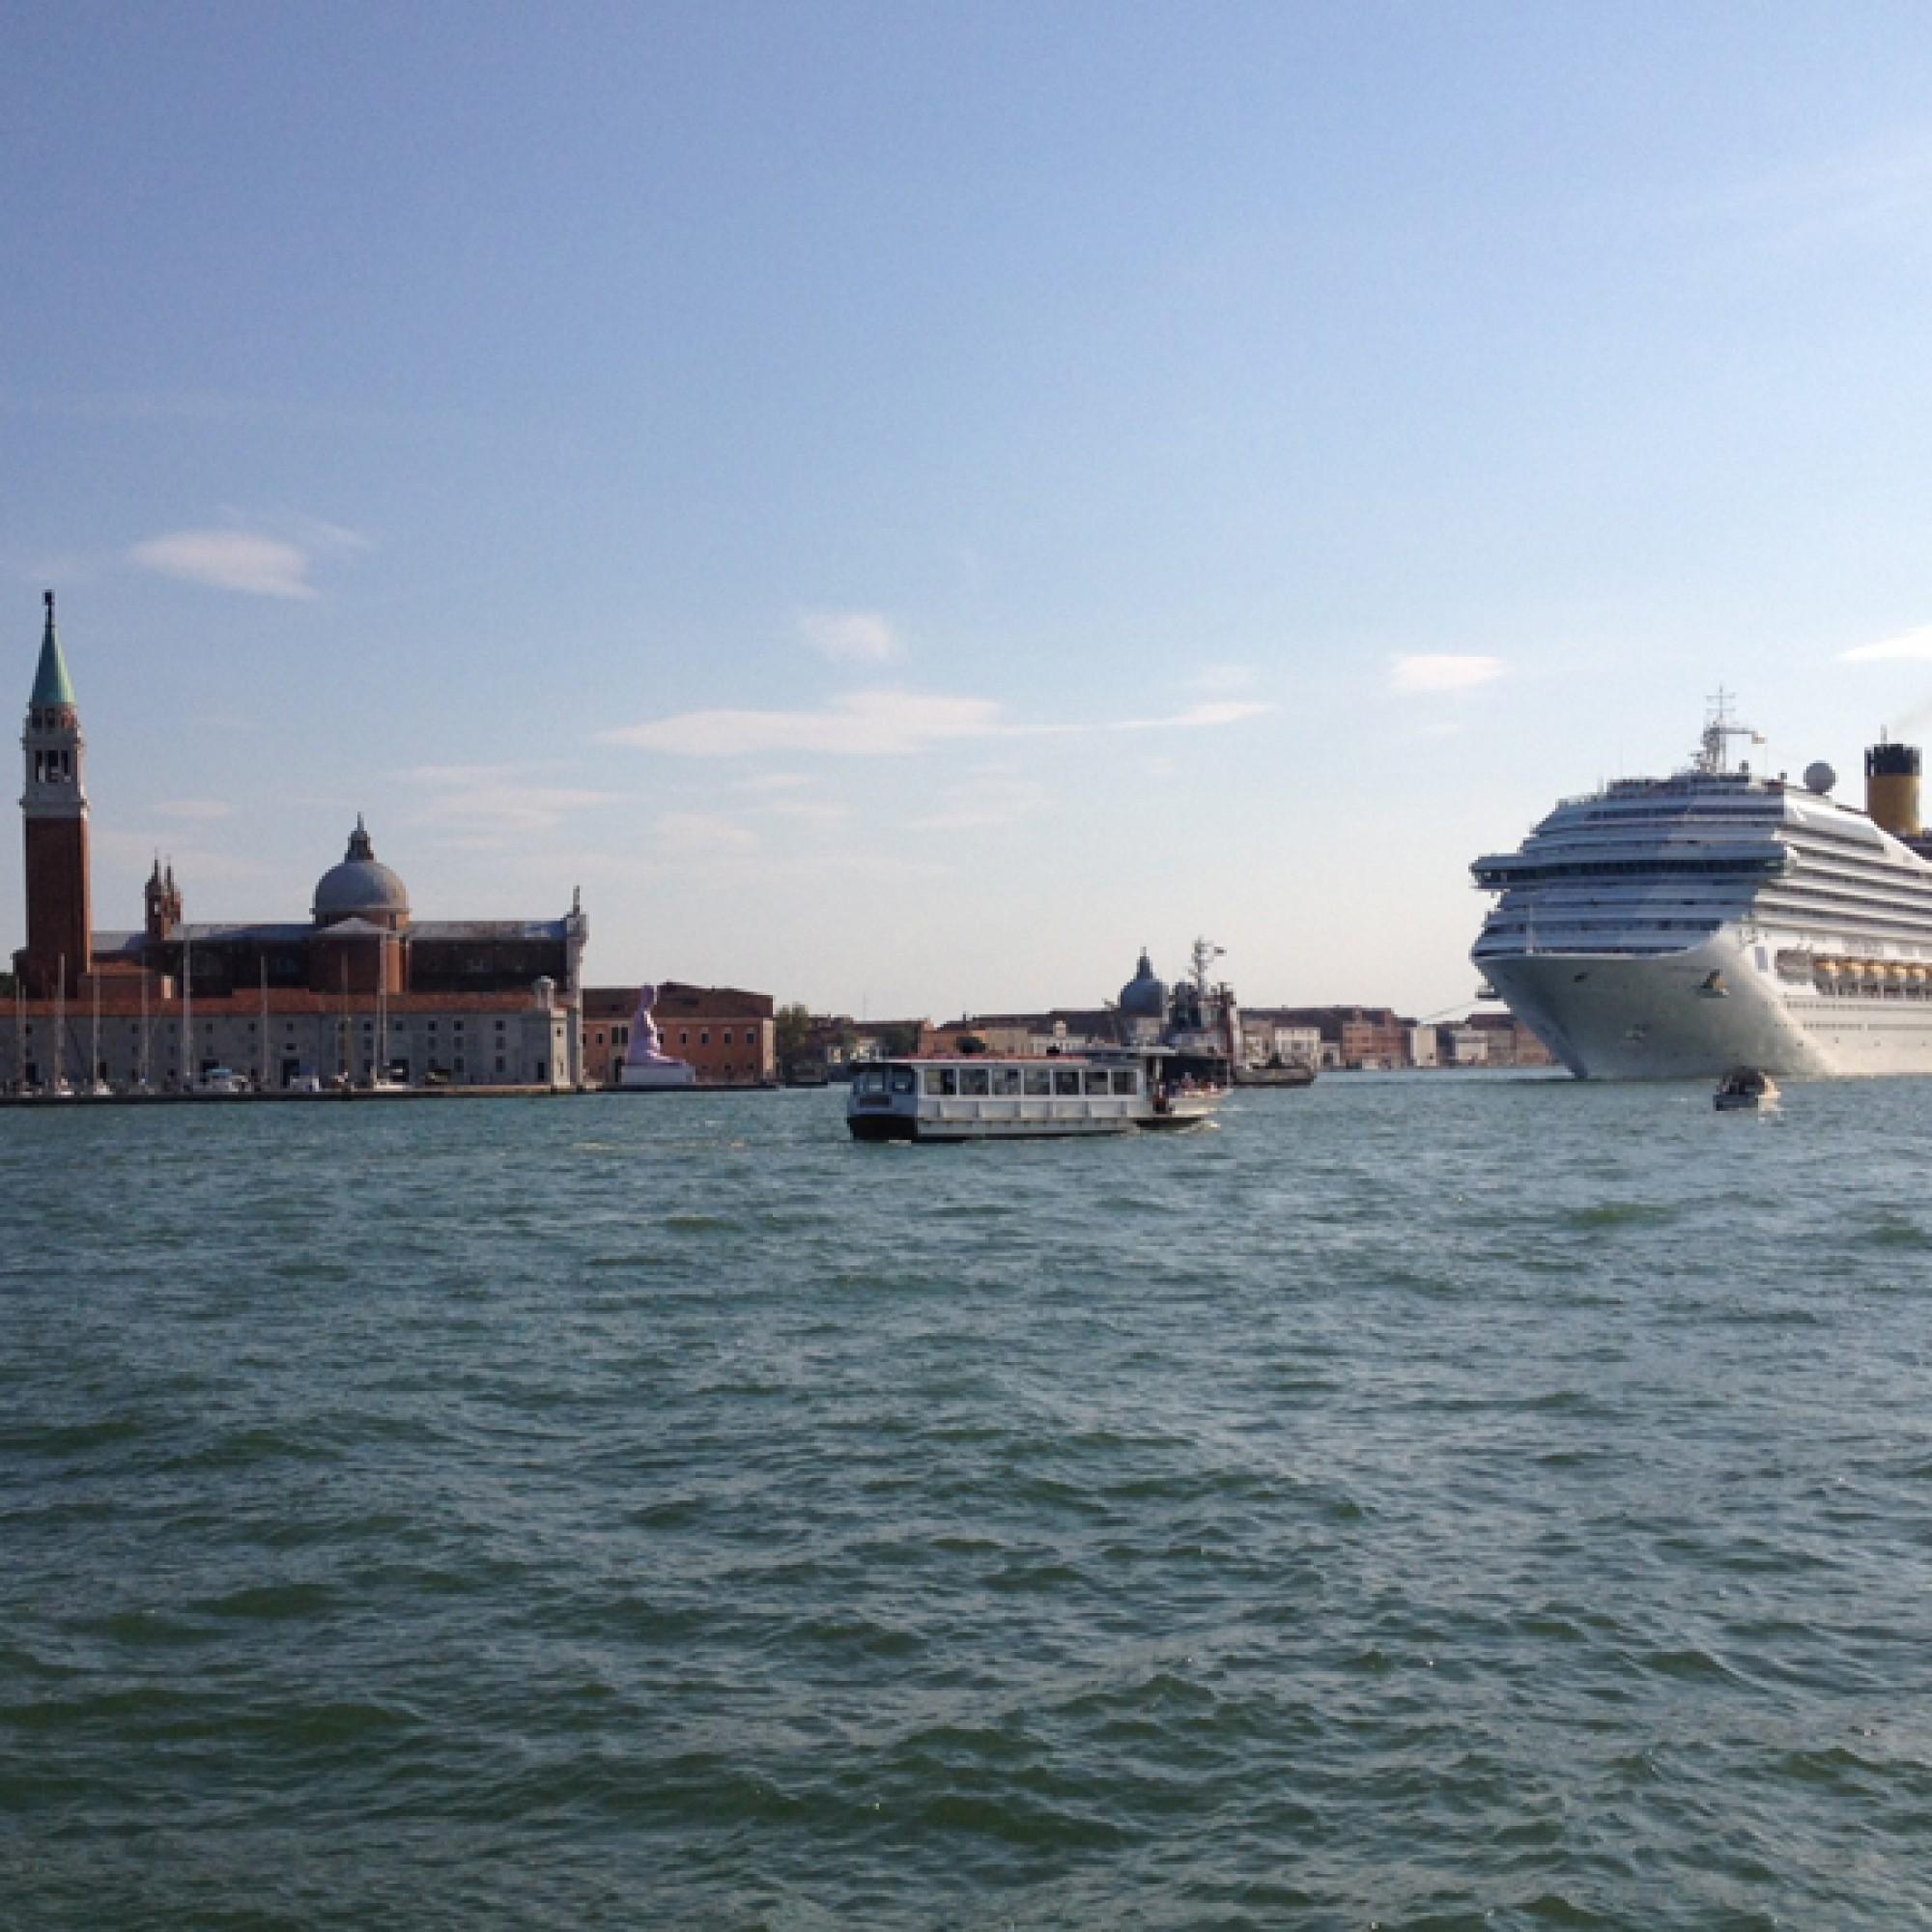 Auch wenn Millionen fliessen, die Hauptursache der unaufhaltsamen Zerstörung bleibt bestehen: der Hafen. Die Kreuzfahrschiffe fahren durch die Känele mitten durch die Stadt. (Foto: Claudia Bertoldi)